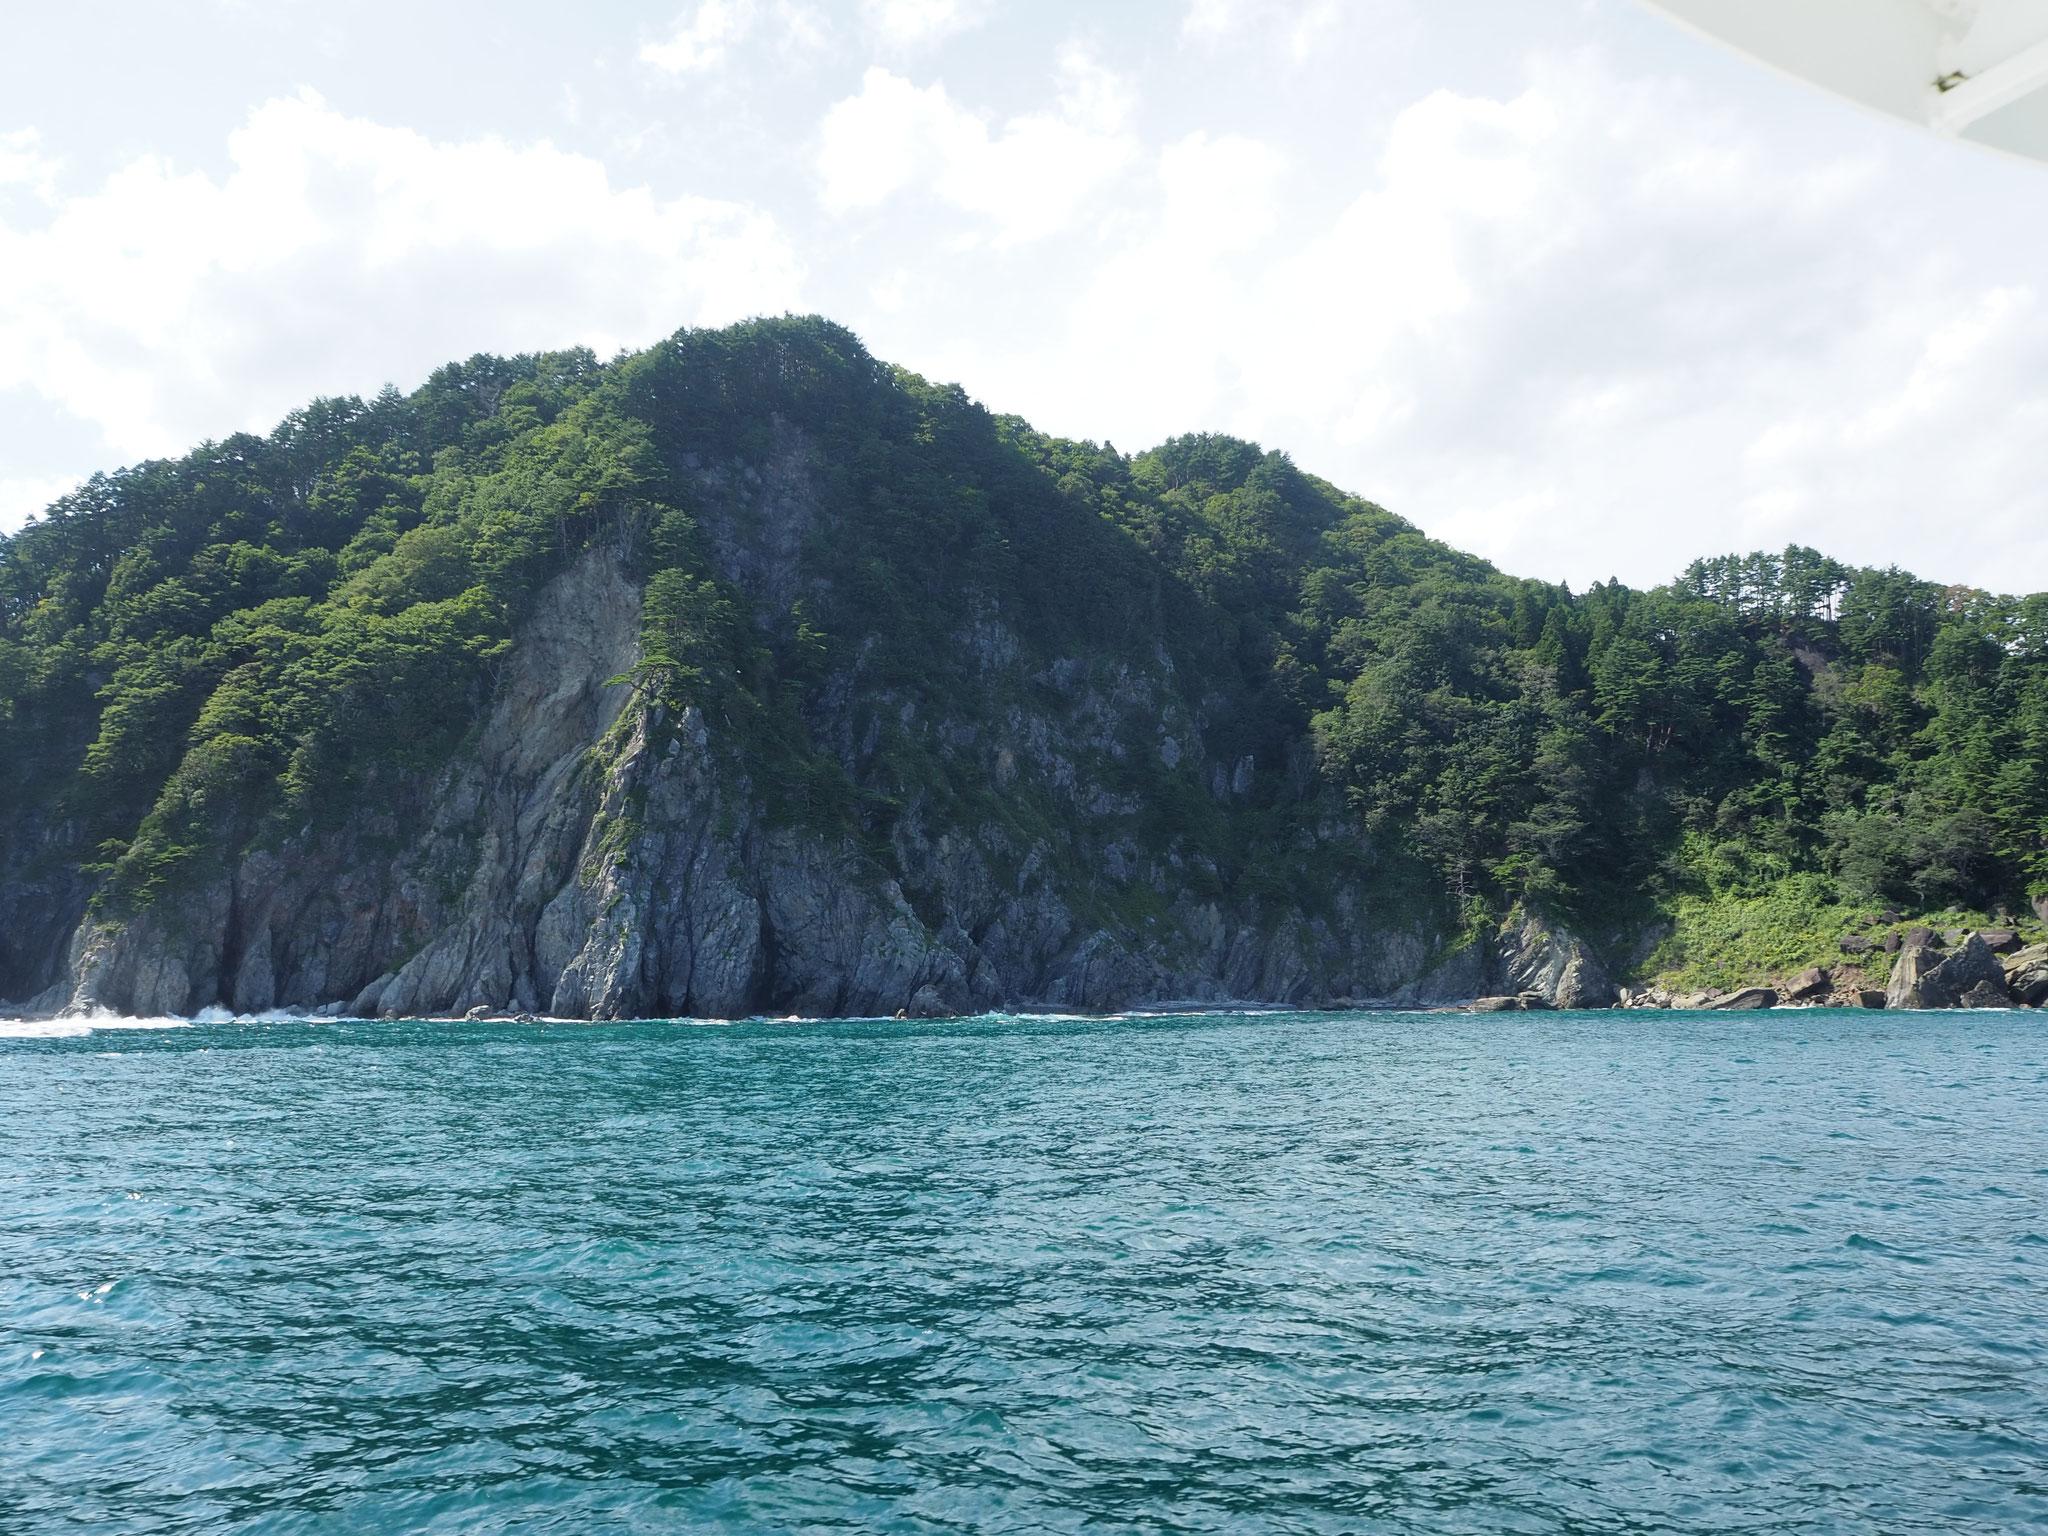 北山崎断崖クルーズ。高さ200mのそびえ立つ断崖を海から眺める景色は壮観!